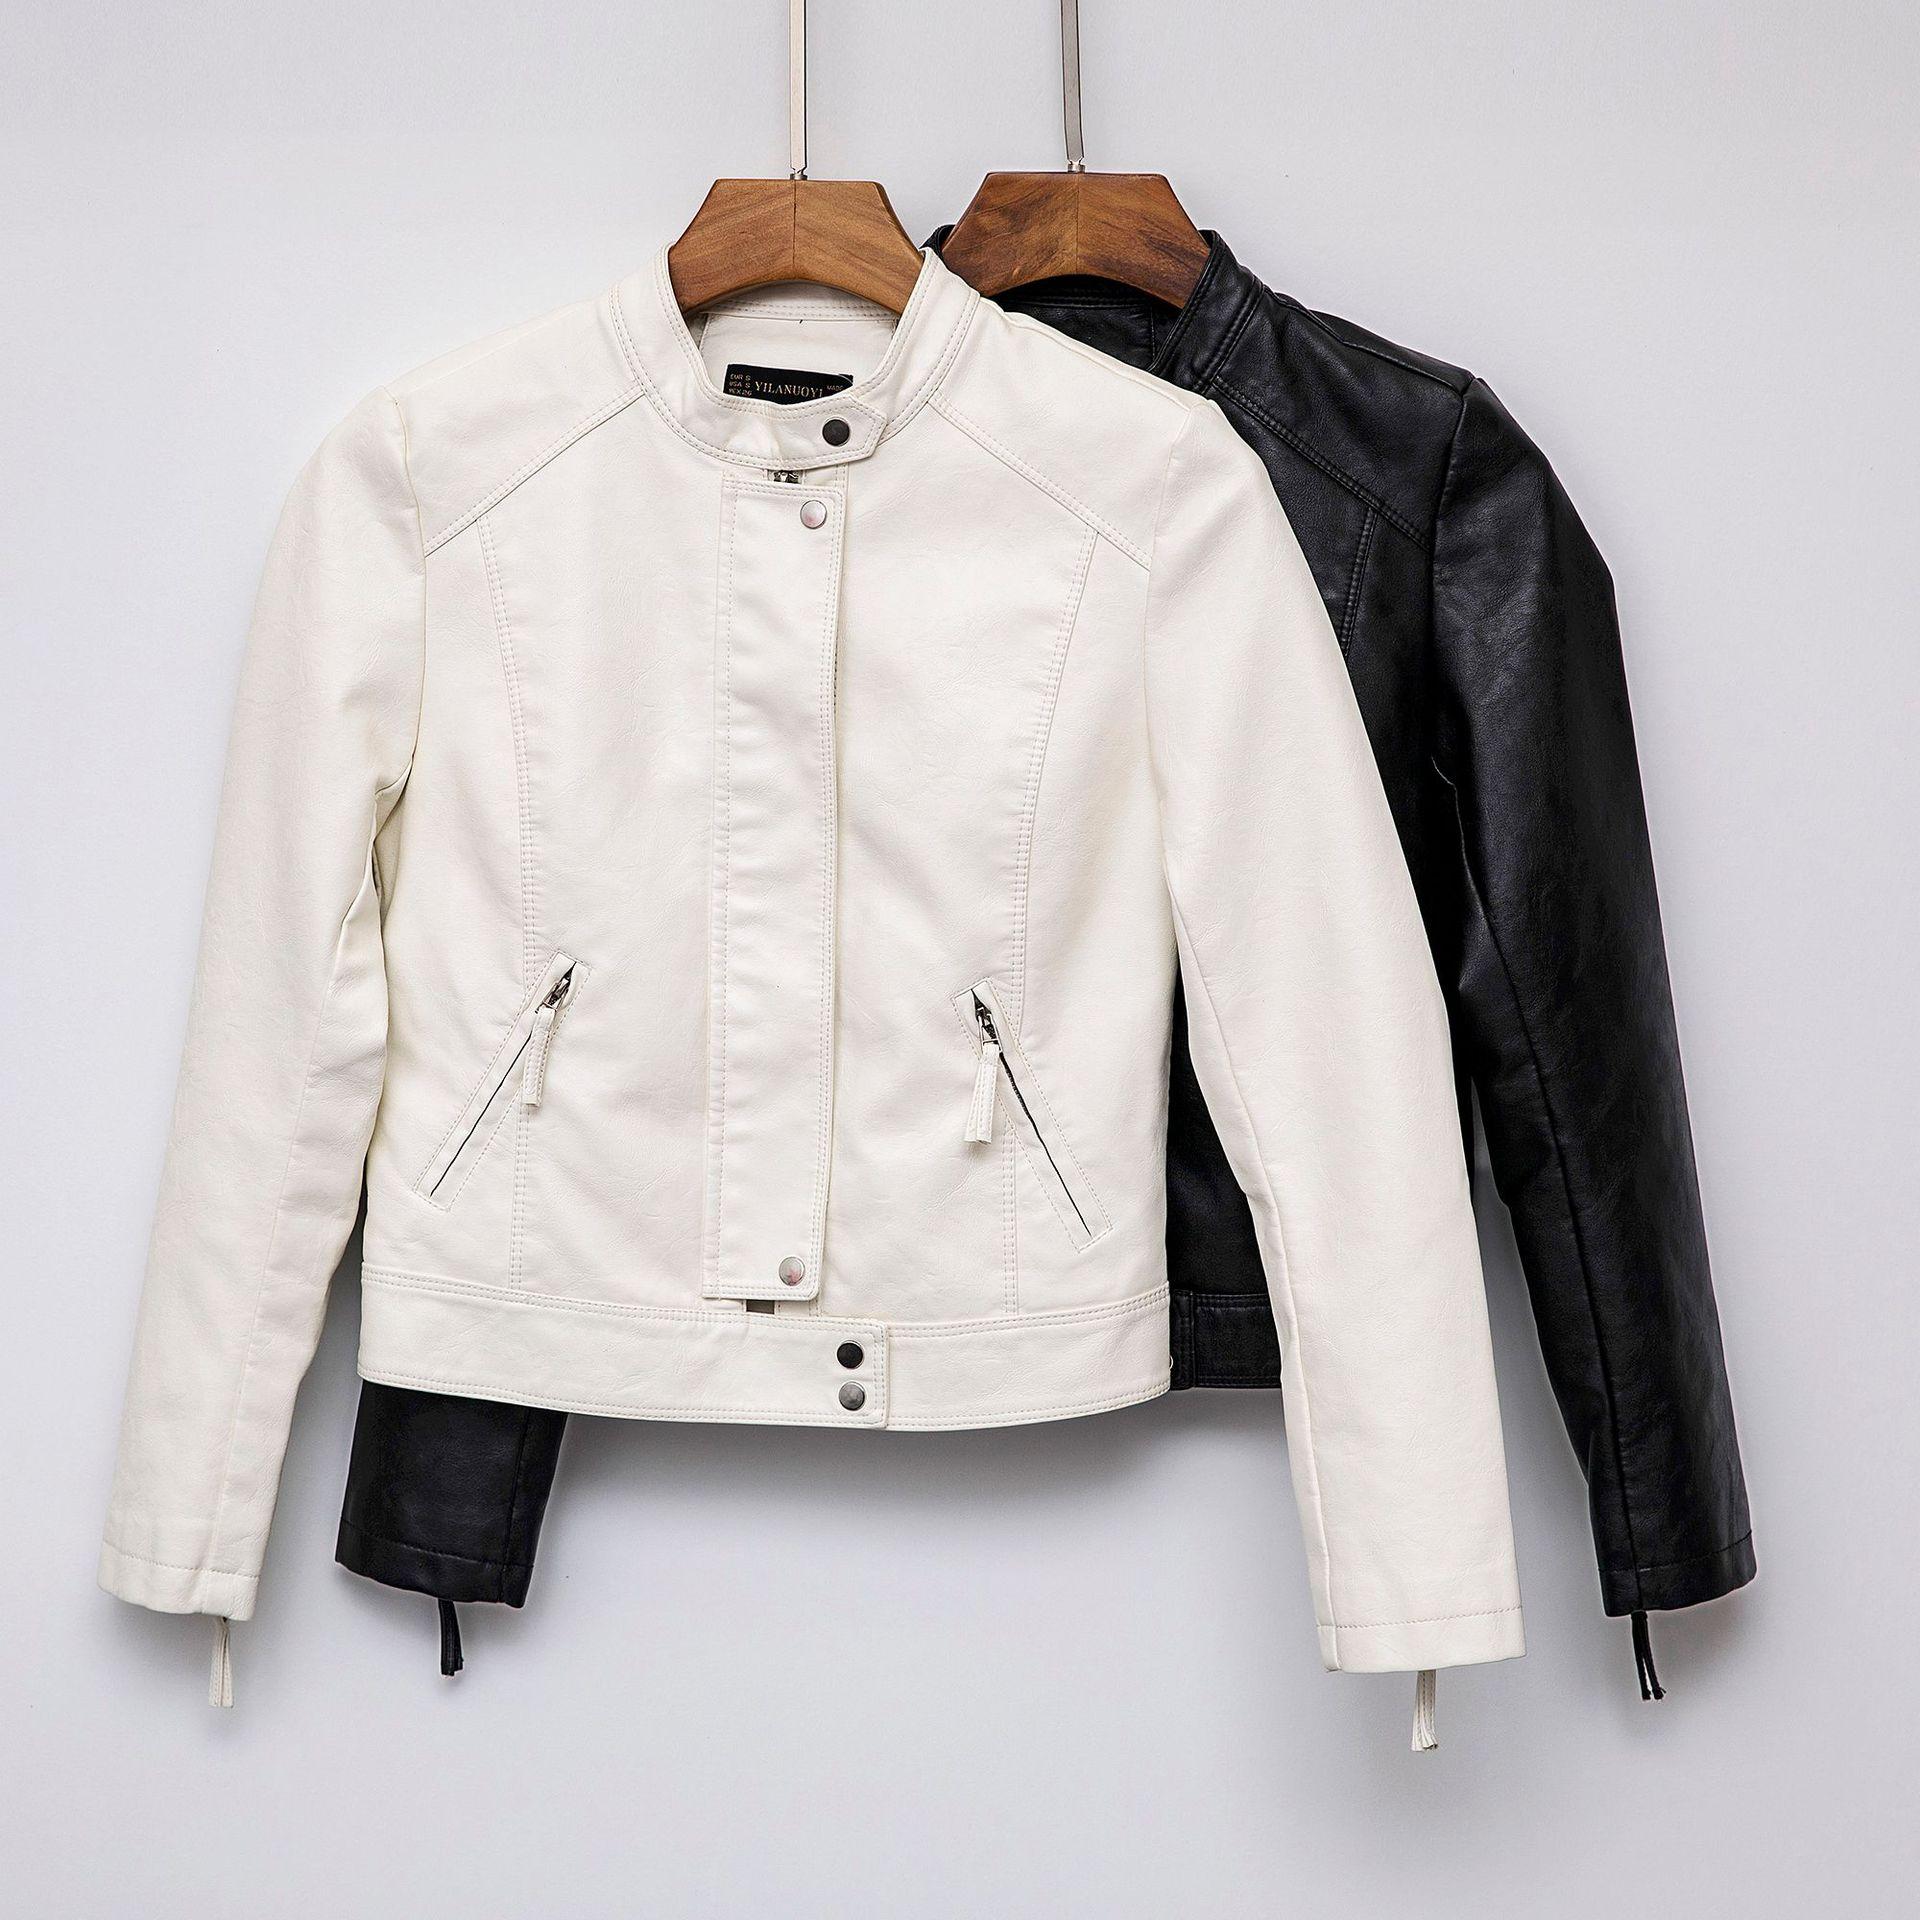 2019 Spring New Short Faux Soft   Leather   Jacket Women Fashion Zipper Motorcycle PU   Leather   Jacket Ladies Basic Street Coat